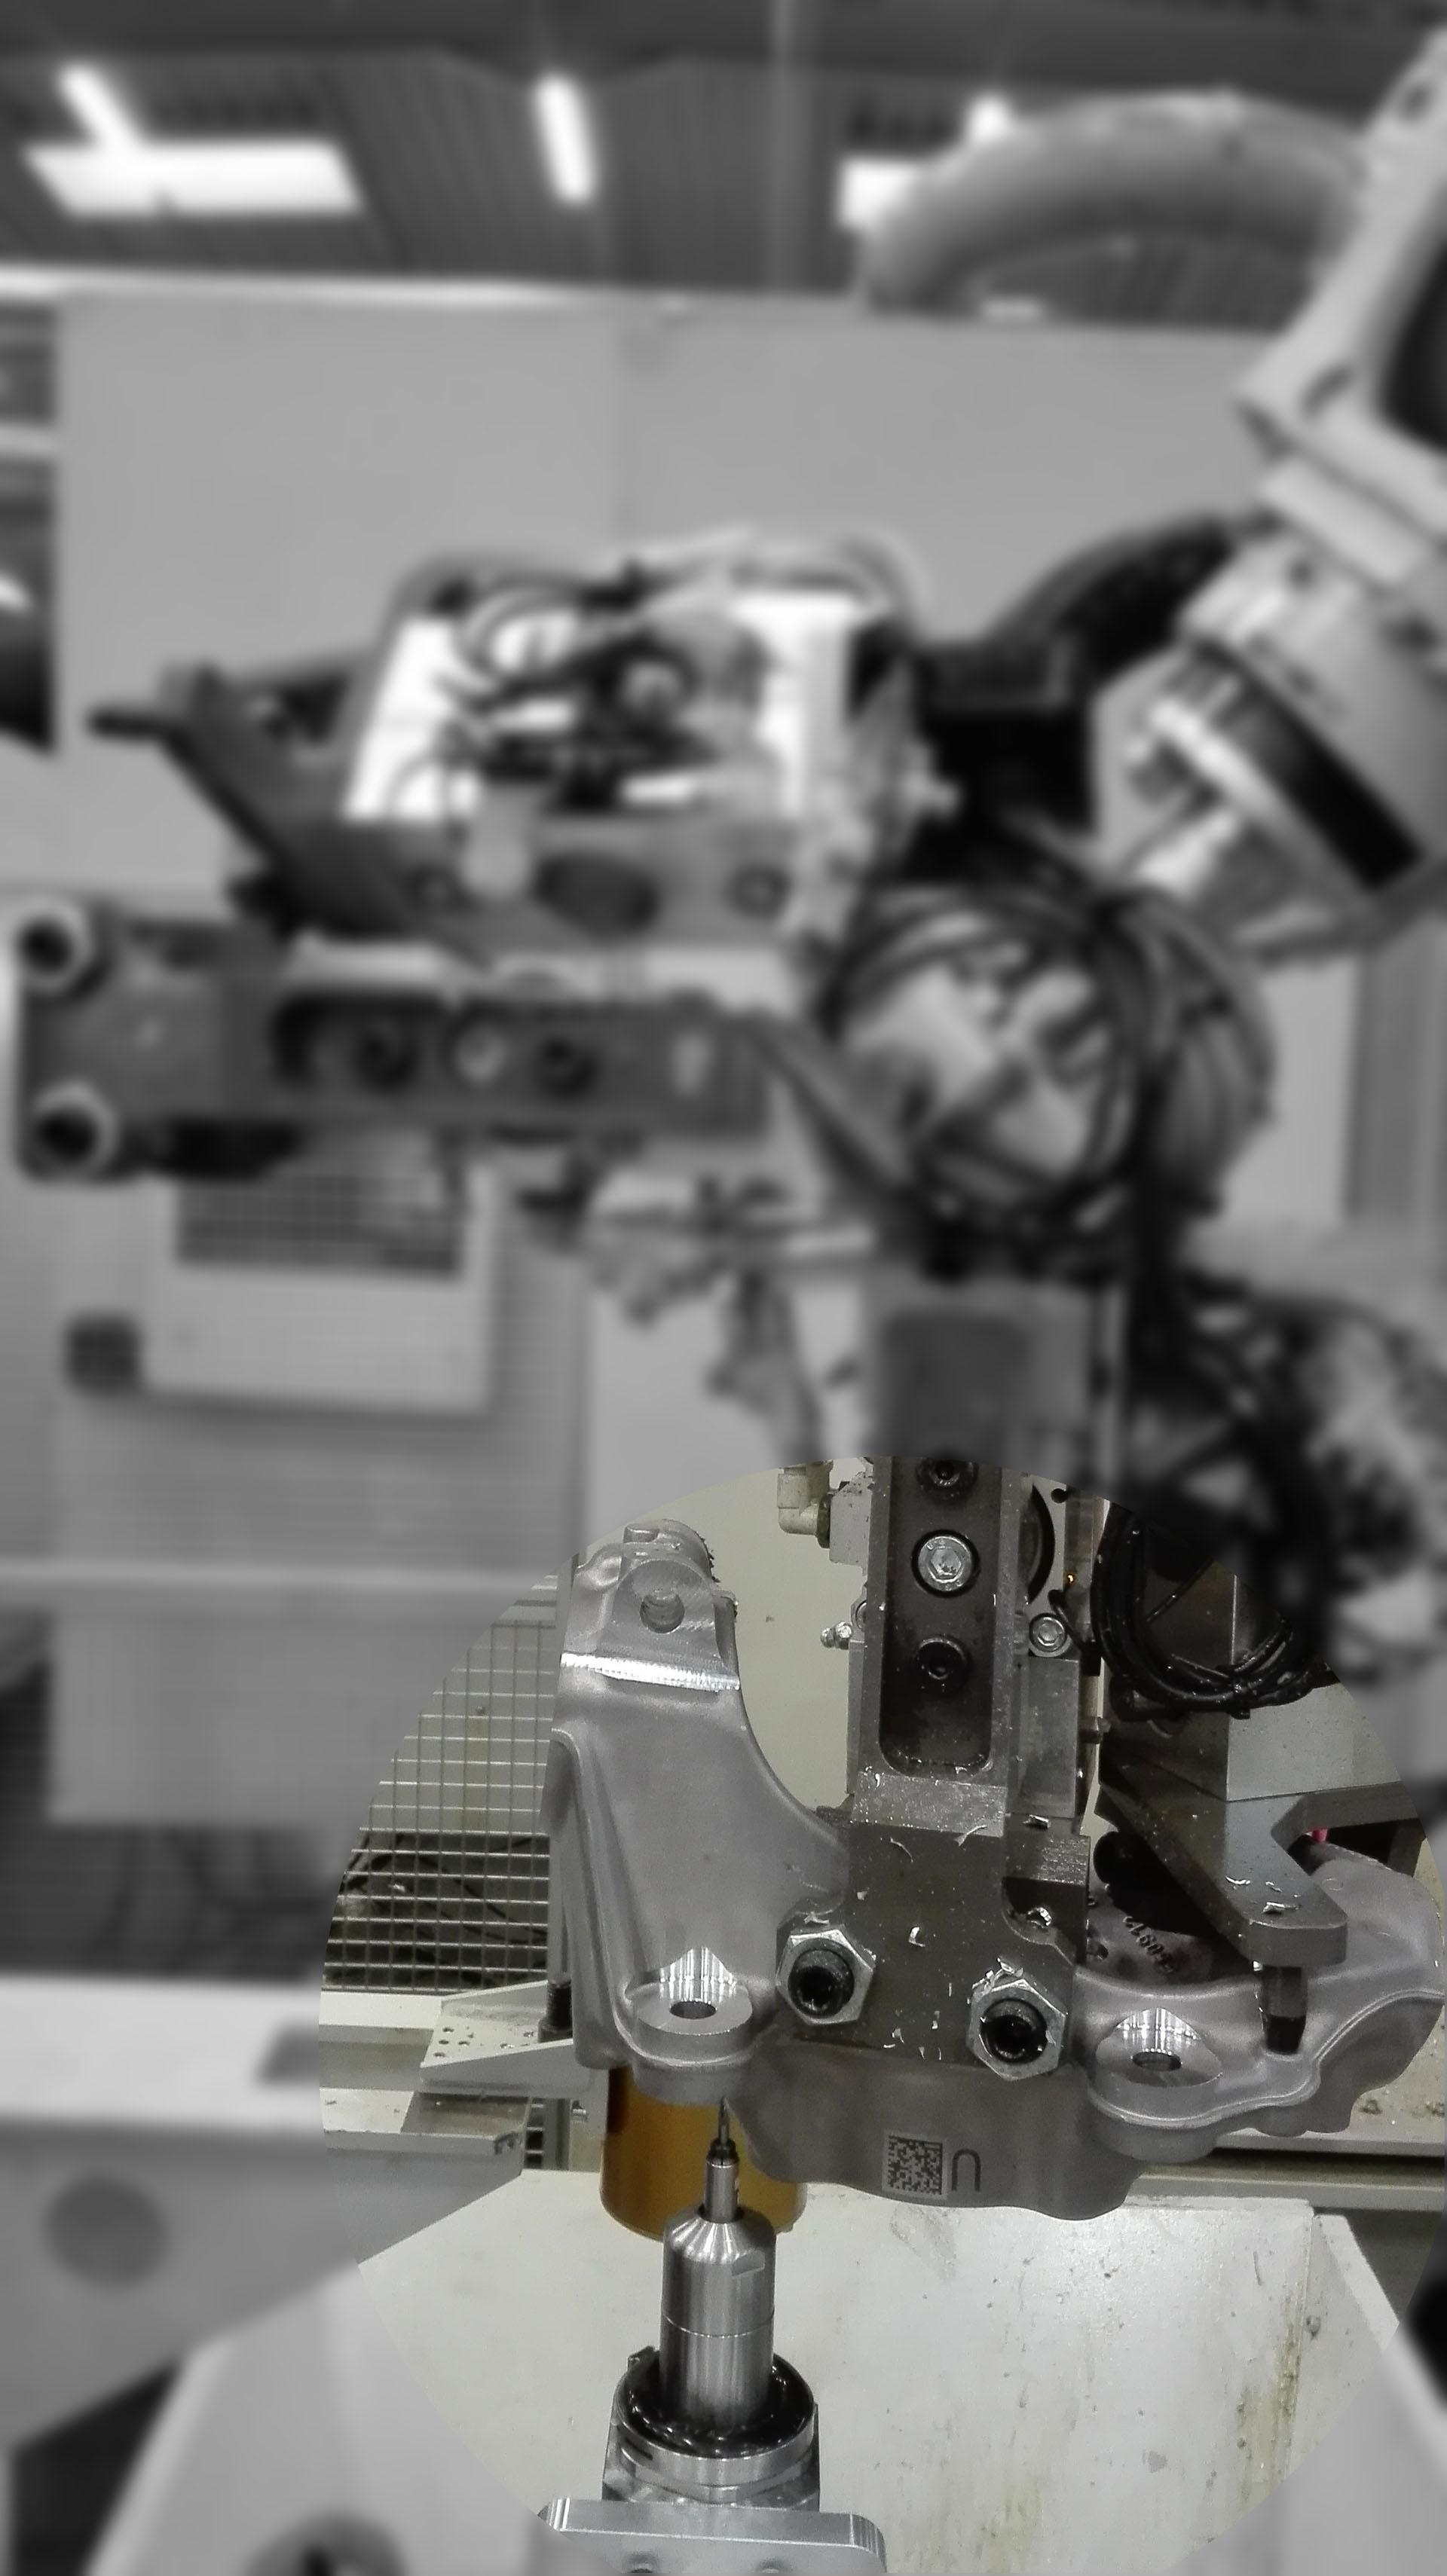 Rovnomerné odihlenie dielov zabezpečujú inteligentné systémy a kompenzátory